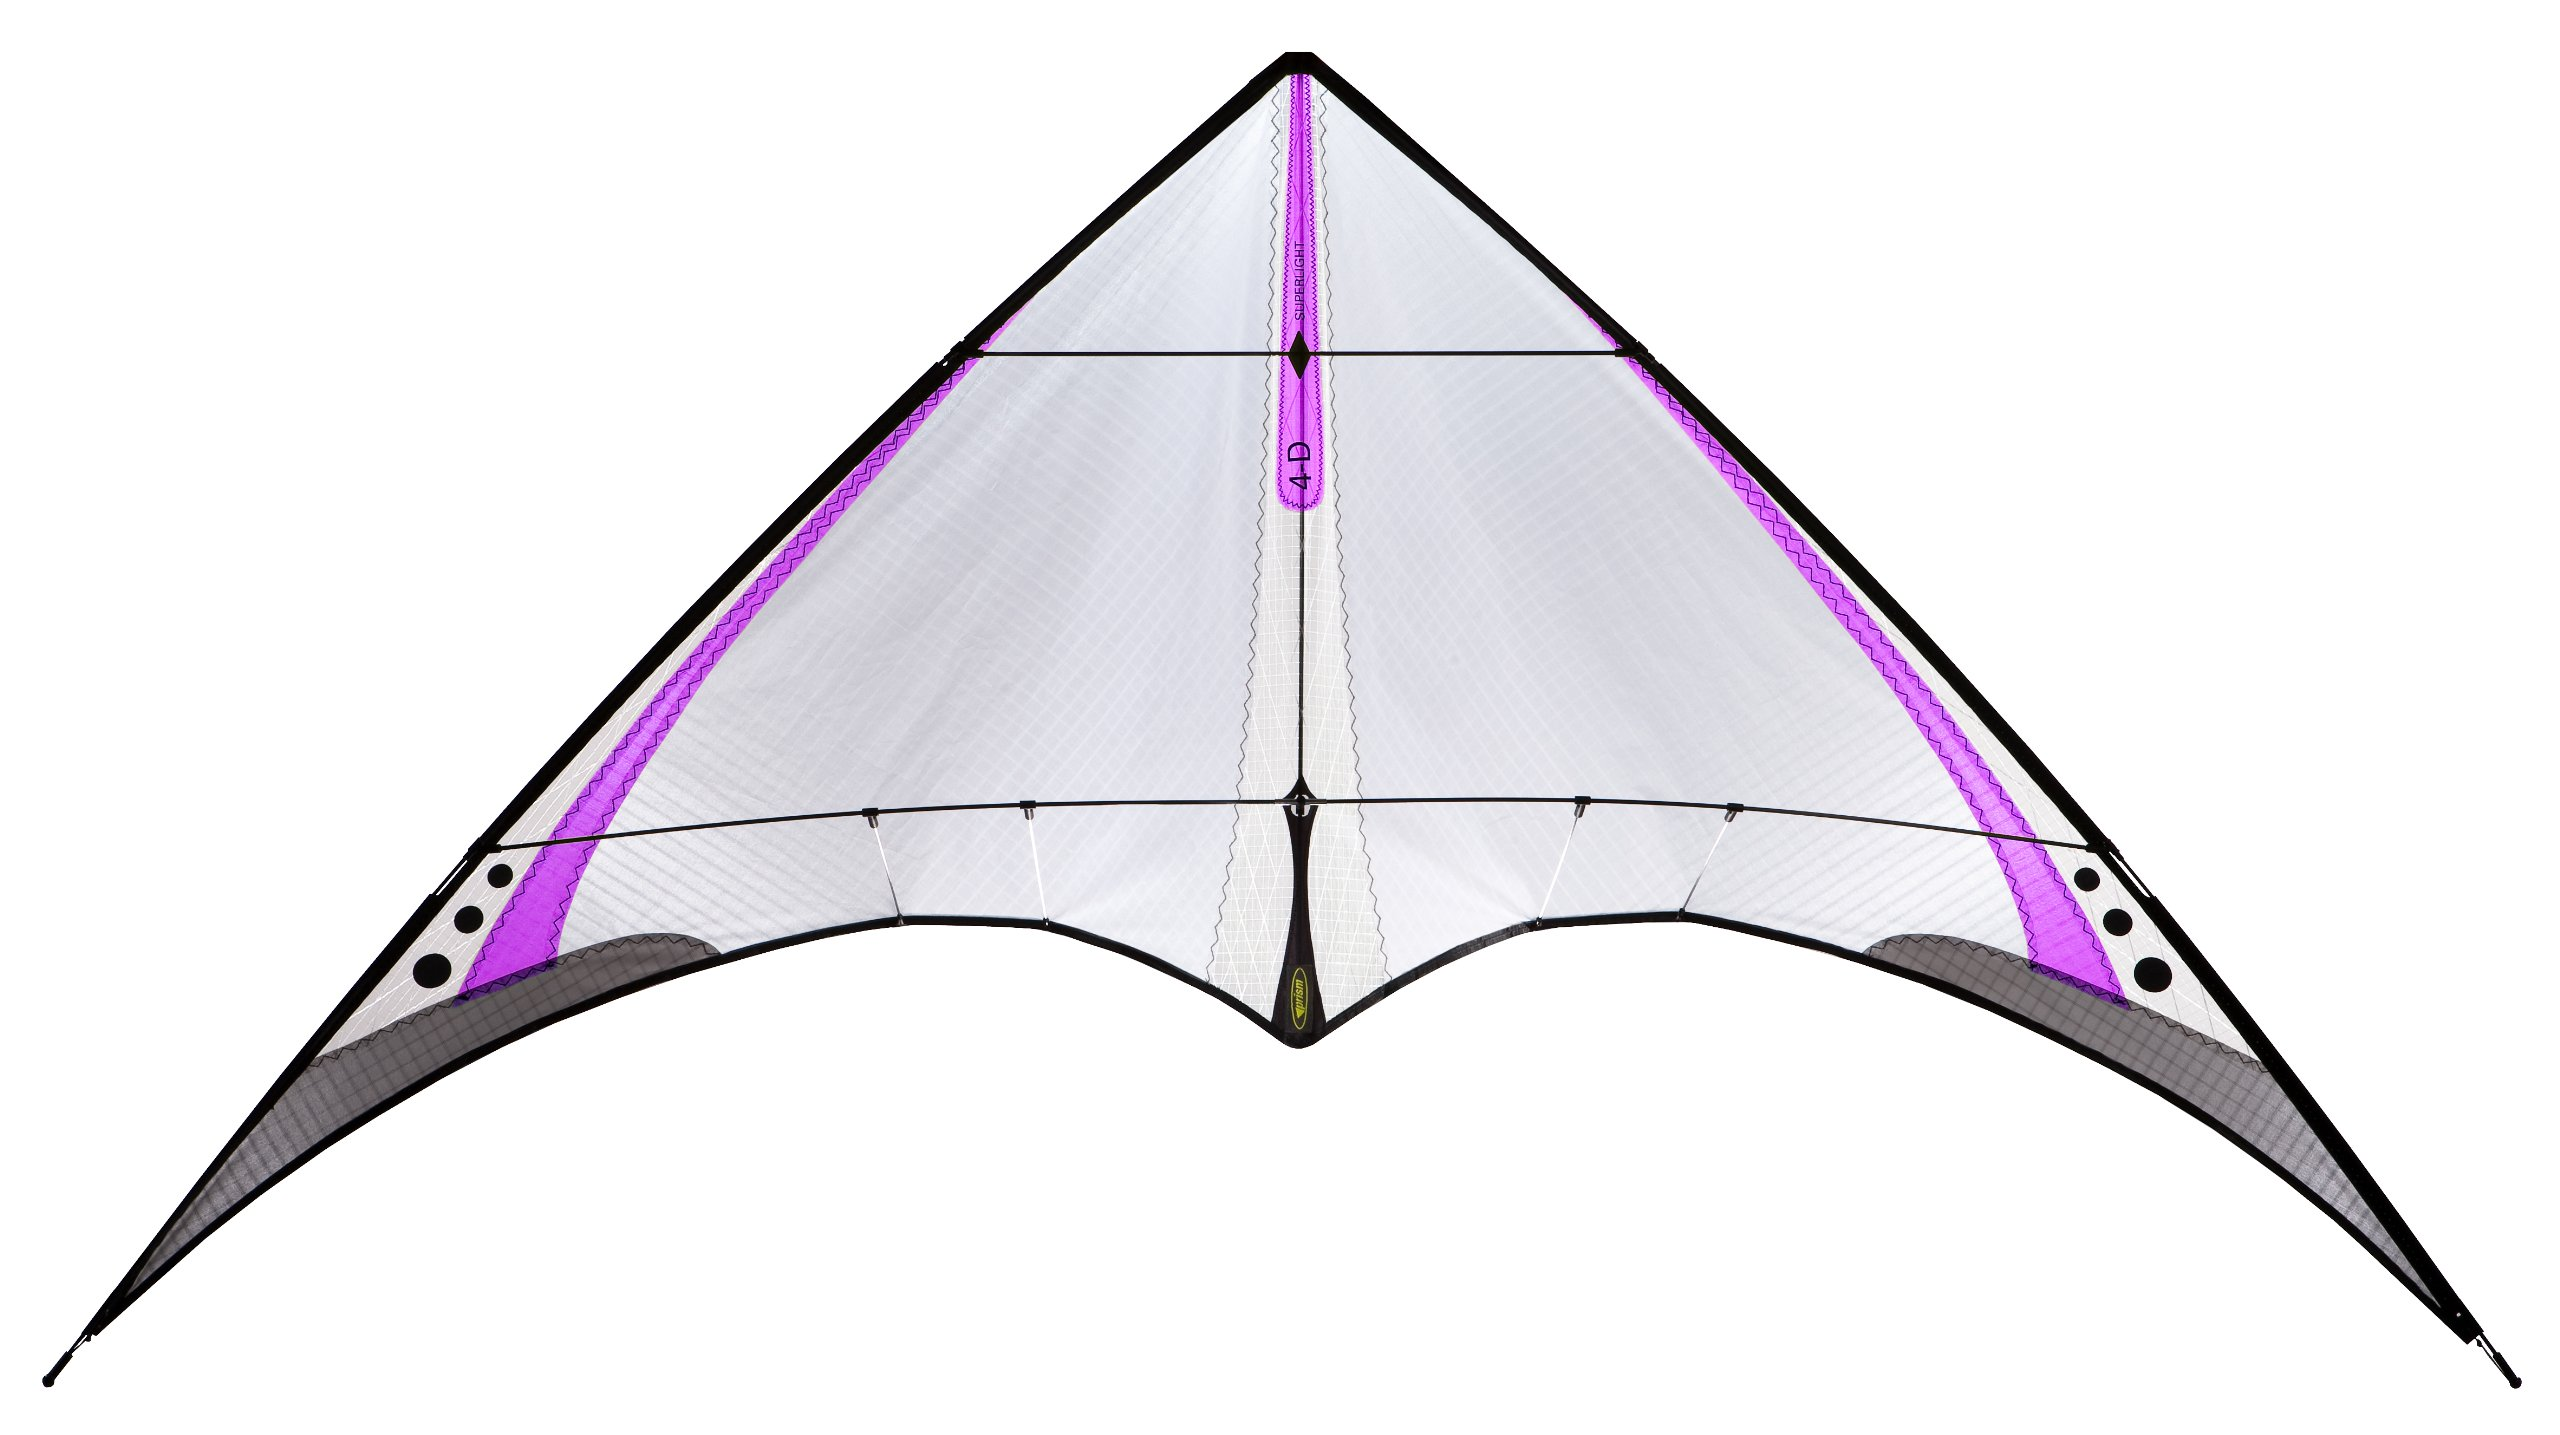 Prism 4D Ultralight Stunt Kite, Purple